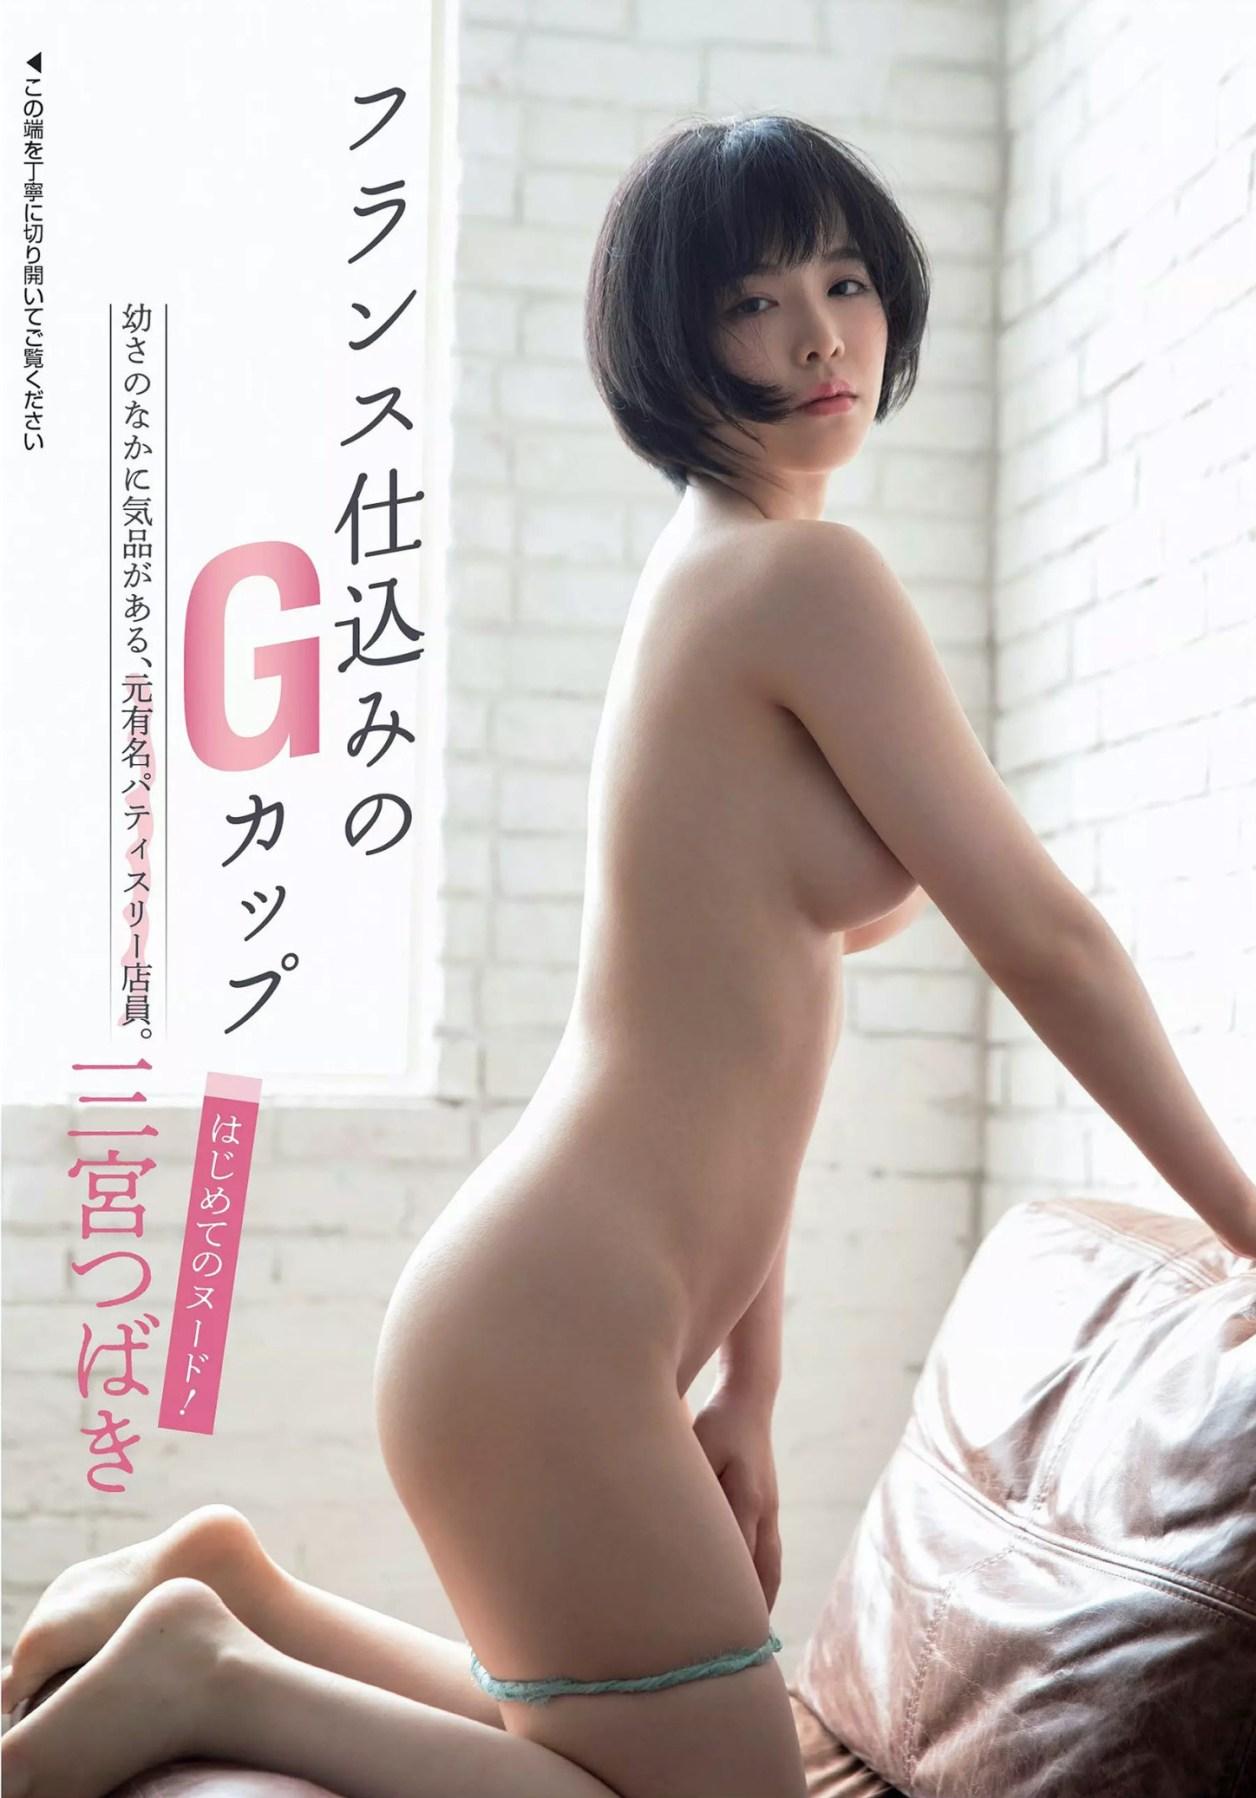 7-sannomiya-tsubaki-001